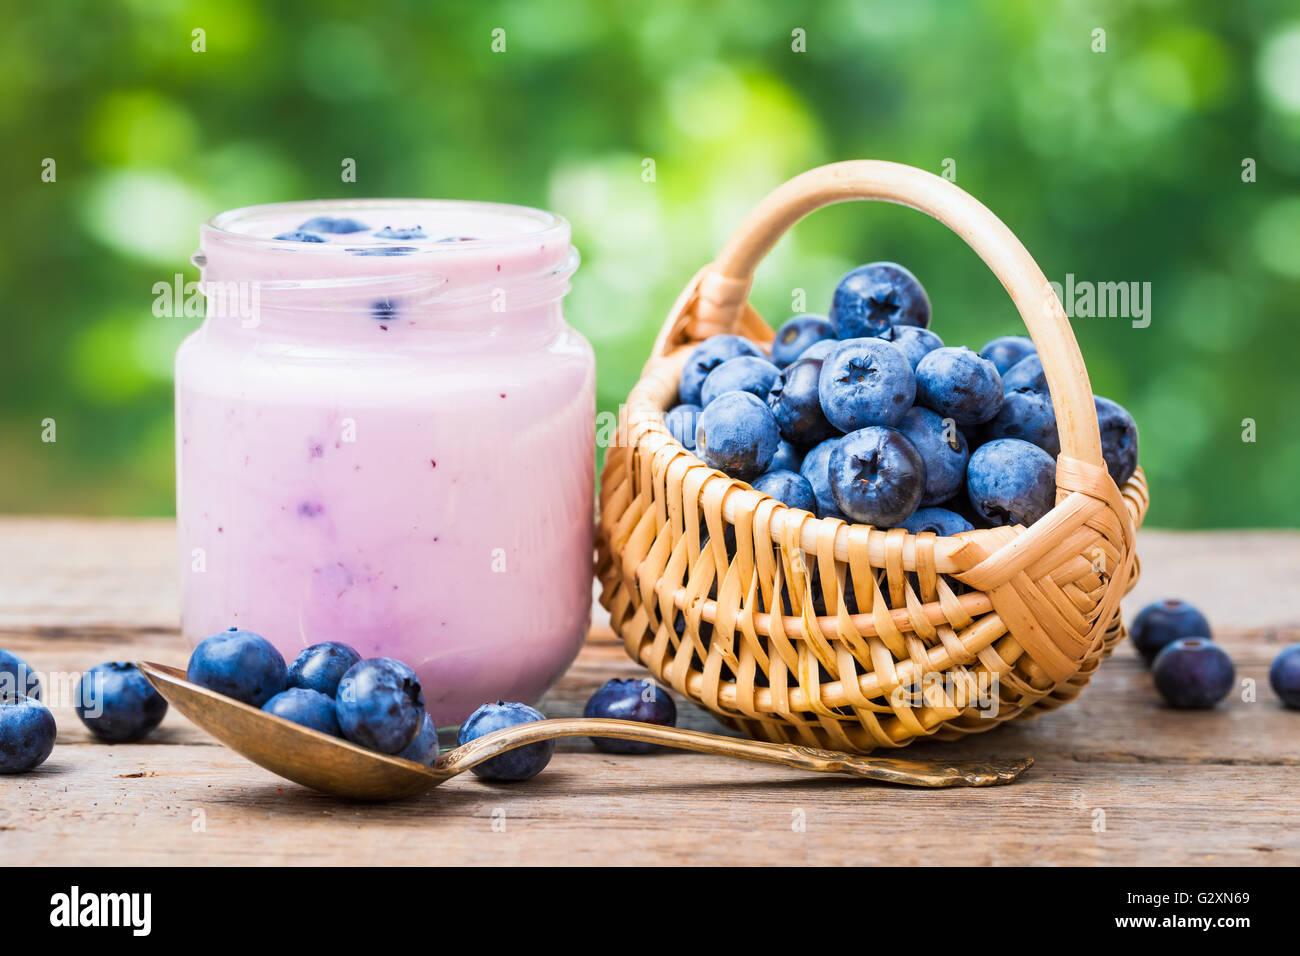 Arándanos frescos en tarro de yogur y una cestita de arándanos. Imagen De Stock